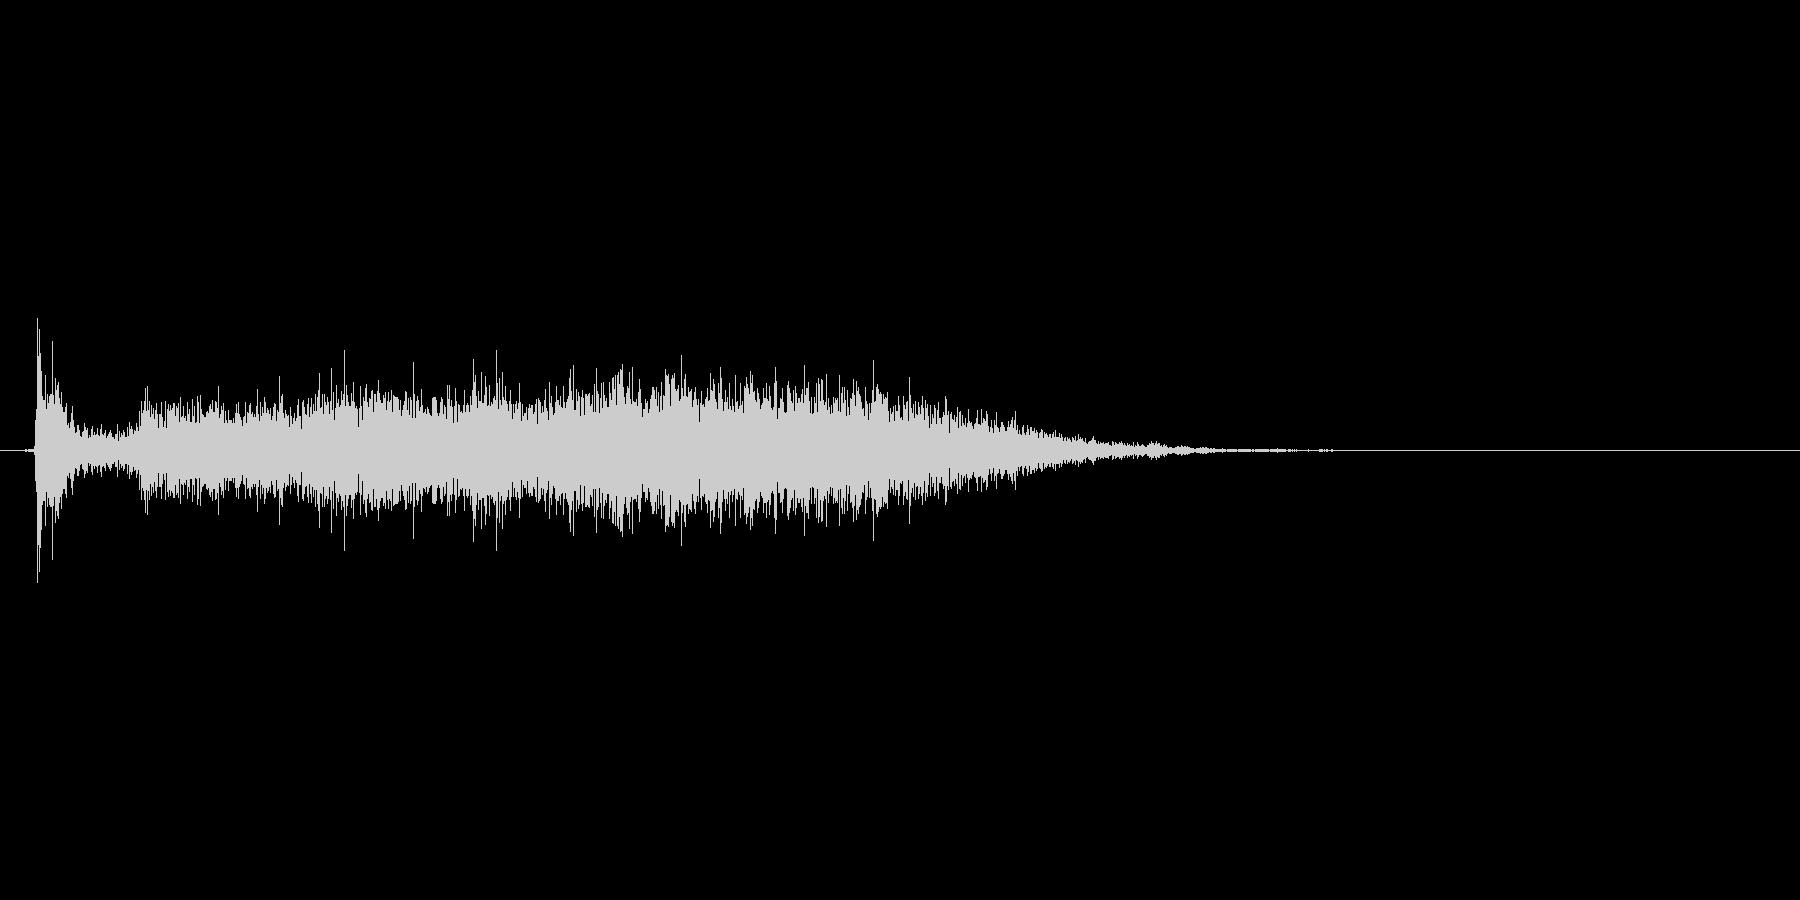 ふすまの開閉音(シャーッ、スーッ)の未再生の波形